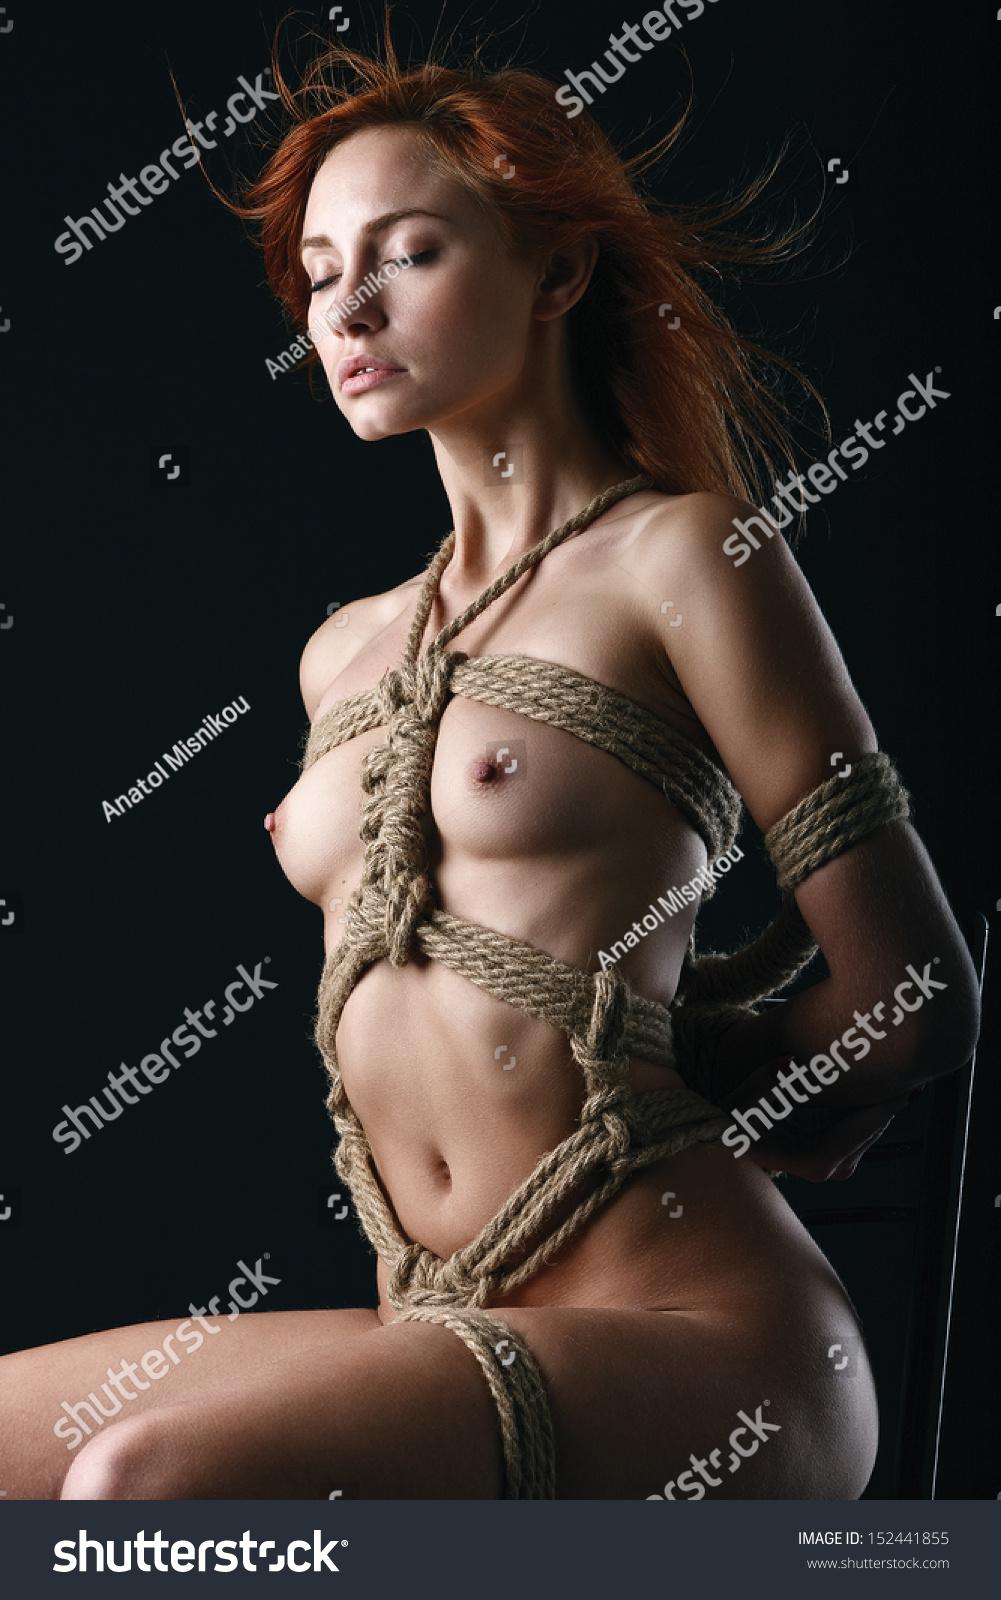 Women Rope Bondage 100